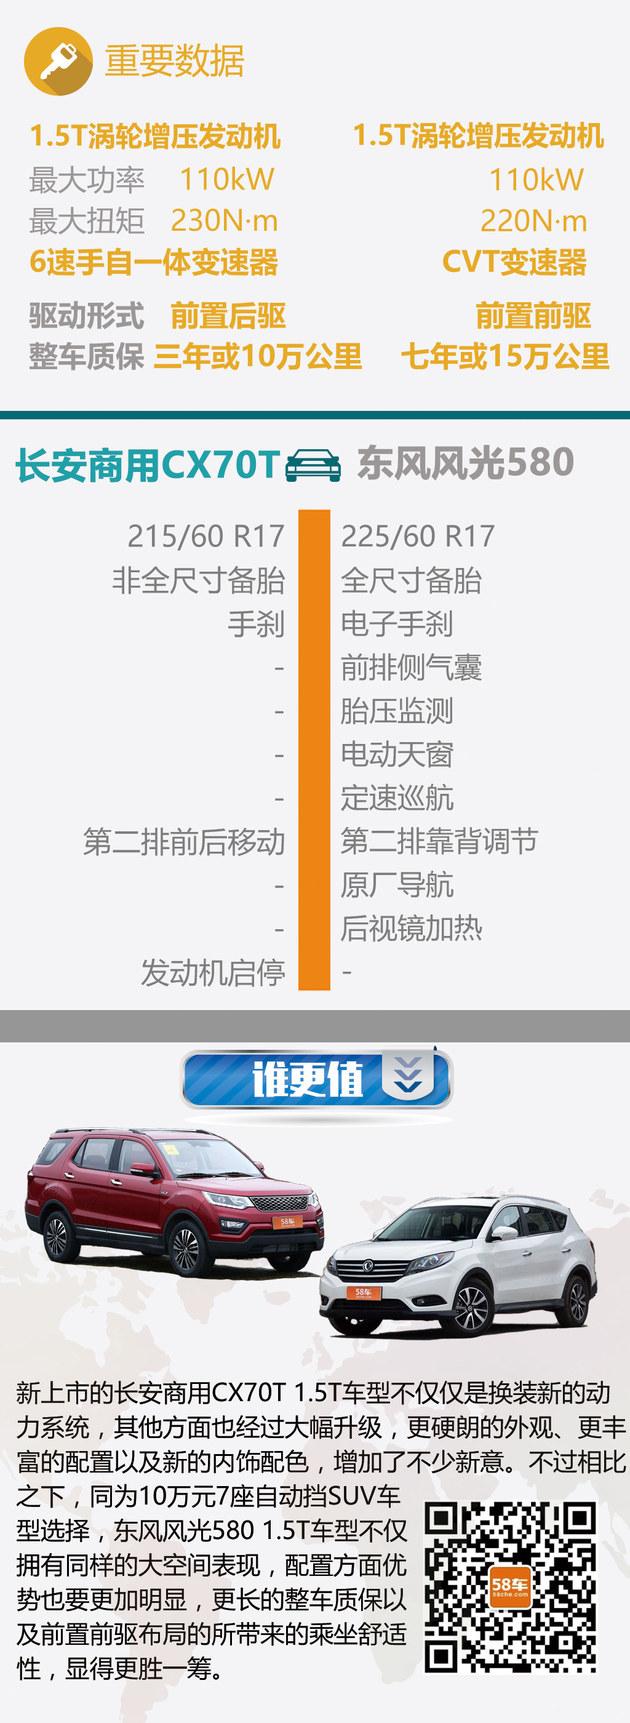 长安CX70过招东风风光580 10万7座谁更值